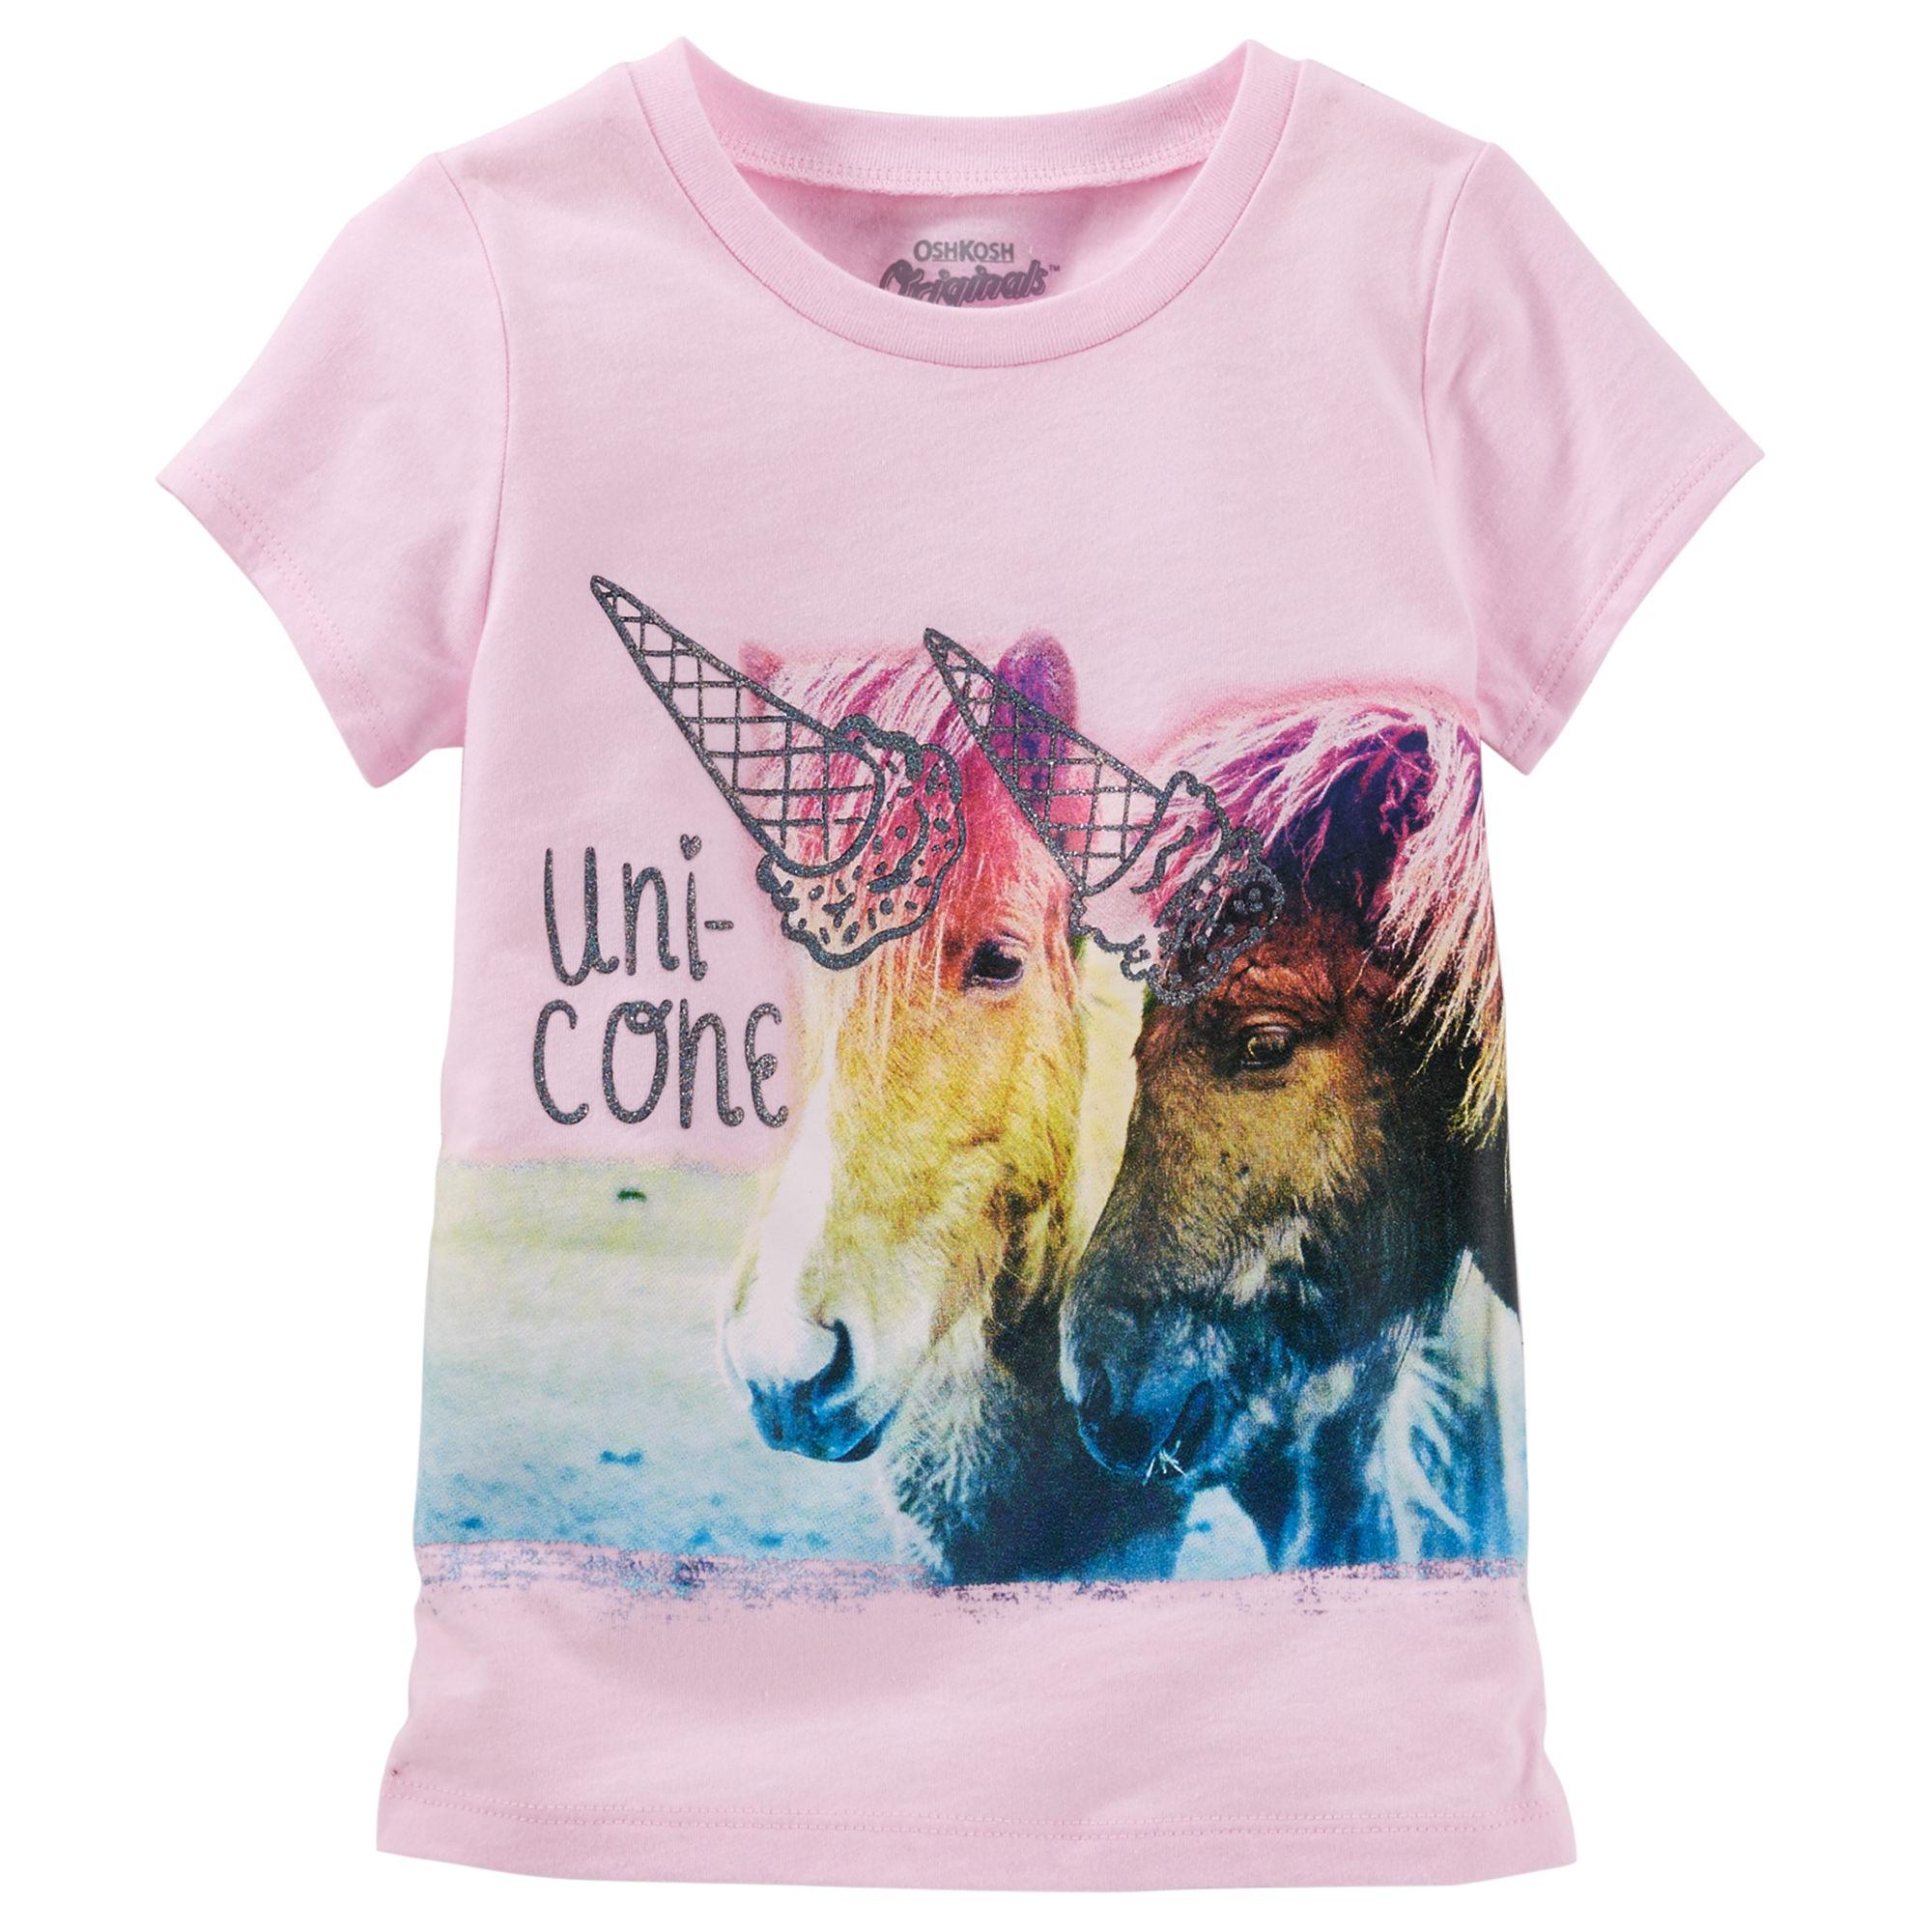 2bdba1a8b500 Oshkosh Dievčenské tričko s potlačou koní - ružové